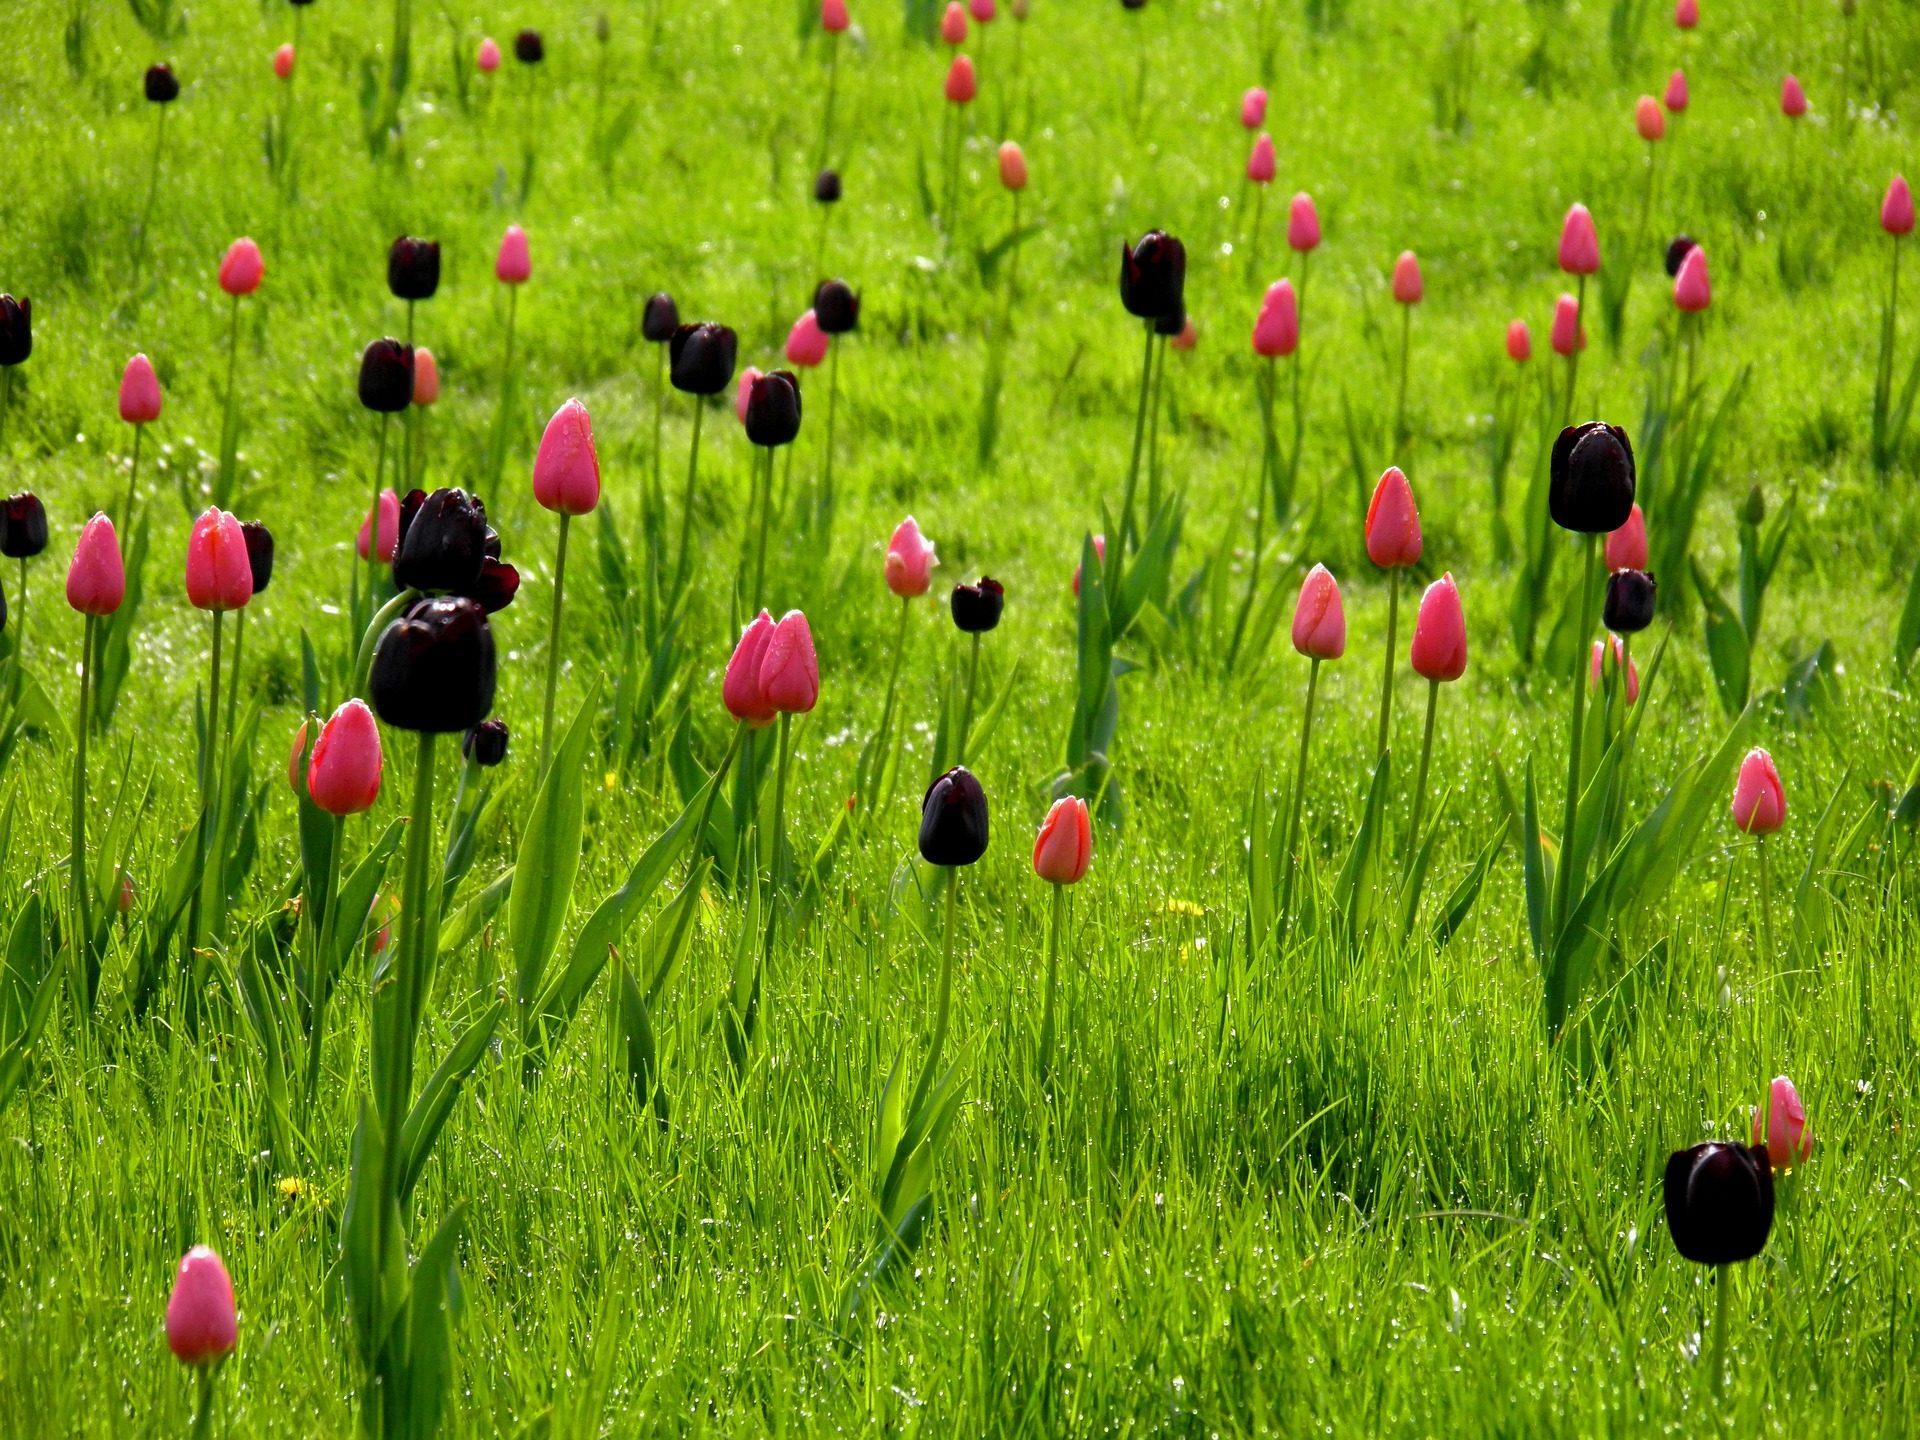 Τουλίπες, PRADO, λουλούδια, πεδίο, γρασίδι, Άνθιση - Wallpapers HD - Professor-falken.com